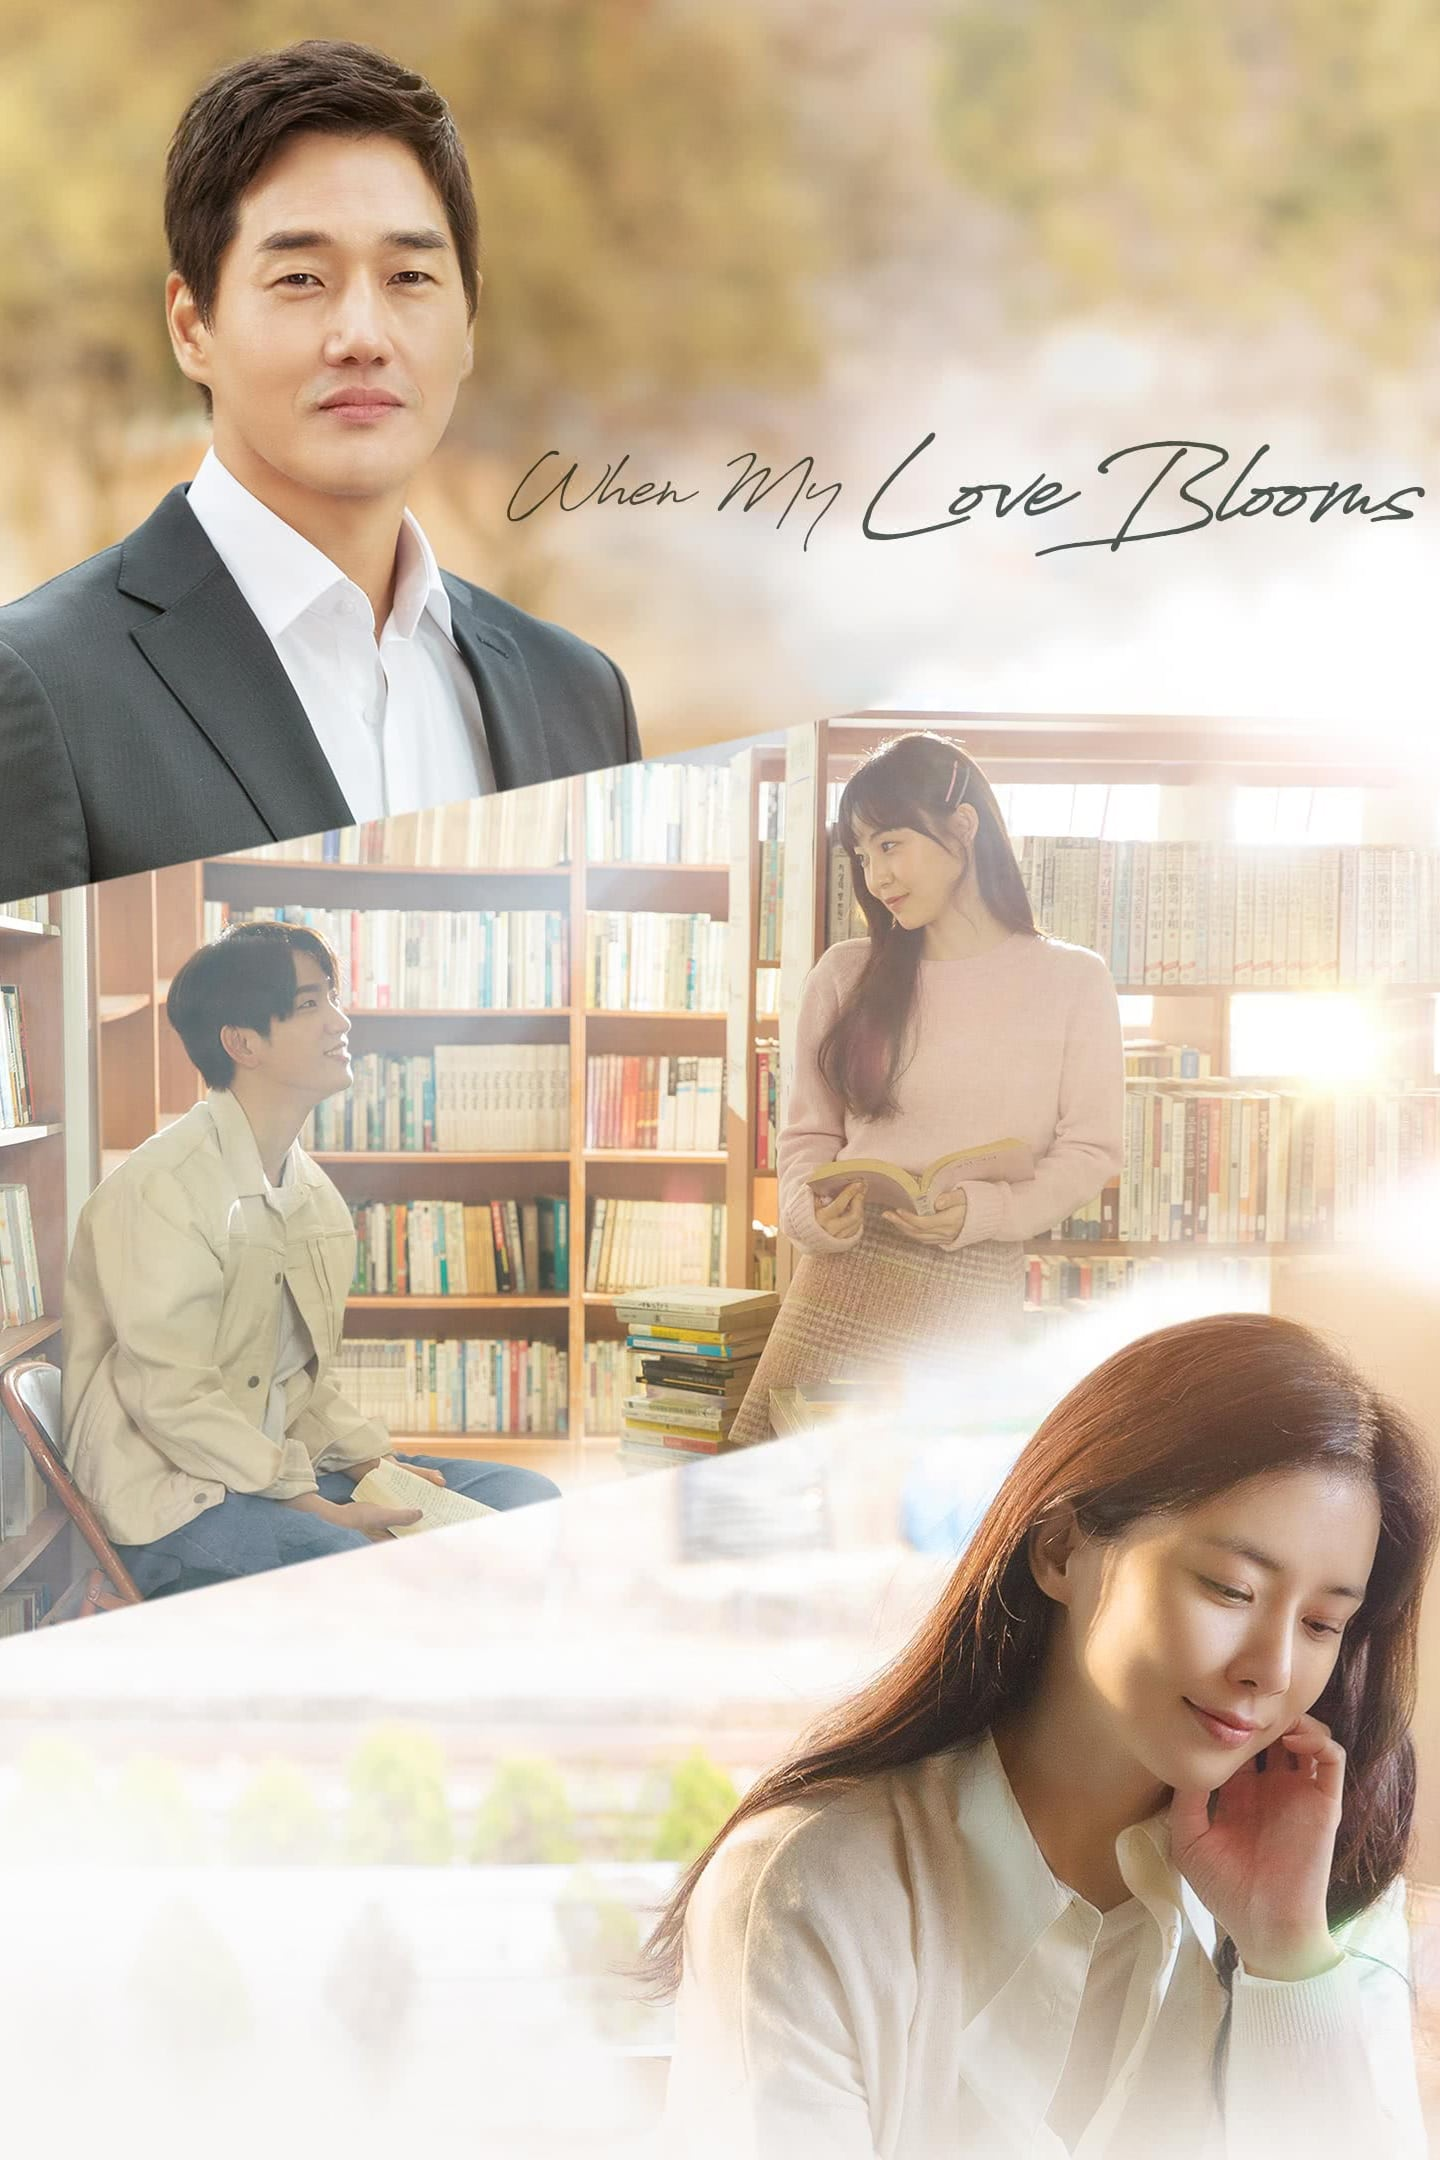 Xem Phim Khi Tình Yêu Nở Rộ - When My Love Blooms Full Vietsub   Thuyết Minh HD Online